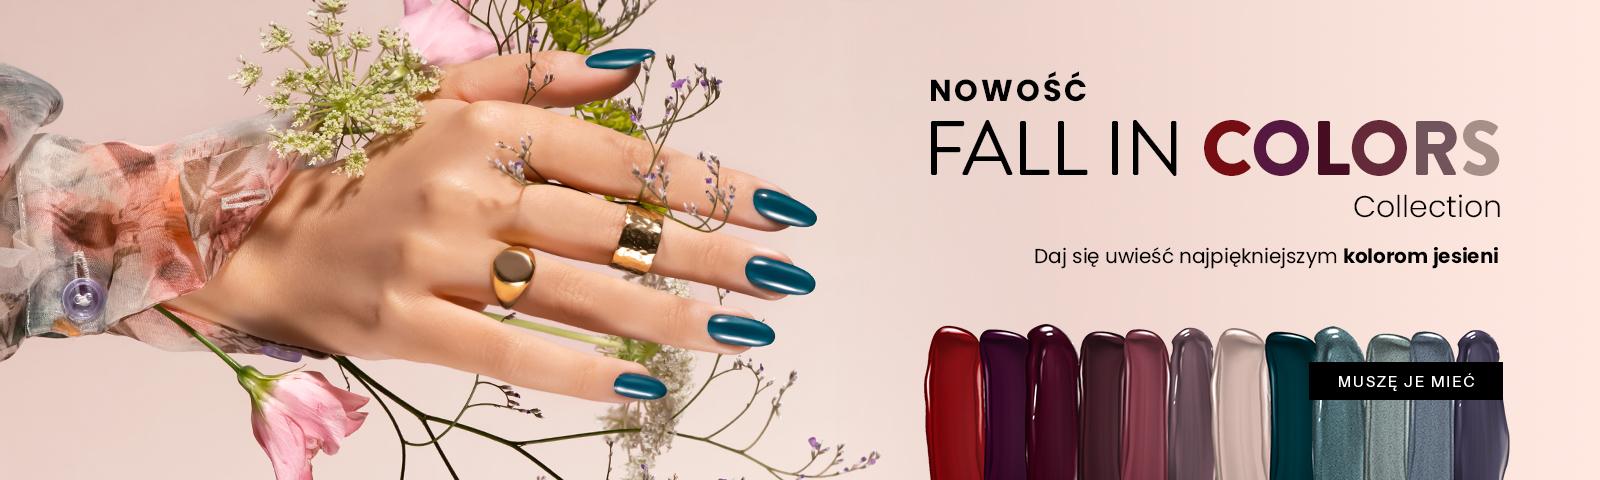 Fall in colors NAJNOWSZA KOLEKCJA JESIENNAPOZNAJ JEJ NIESAMOWITE ODCIENIE  ODKRYWAJ!